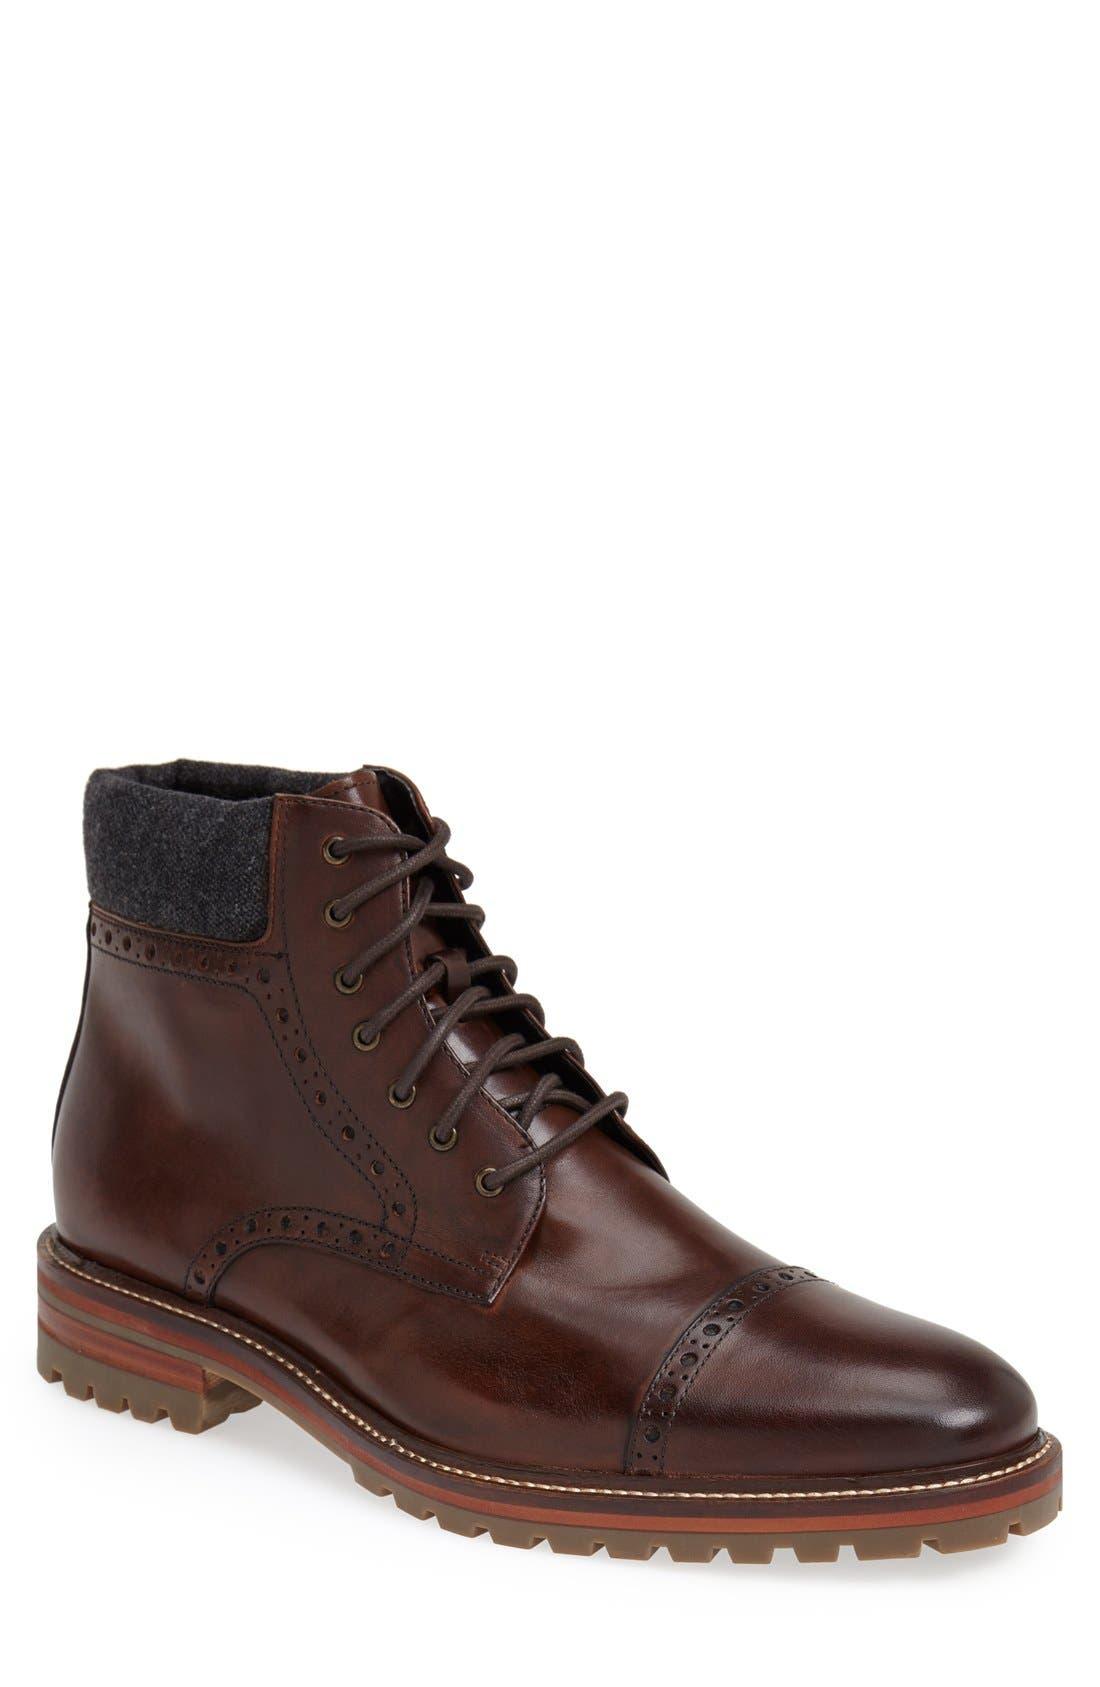 Main Image - J&M 1850 'Karnes' Brogue Cap Toe Boot (Men)